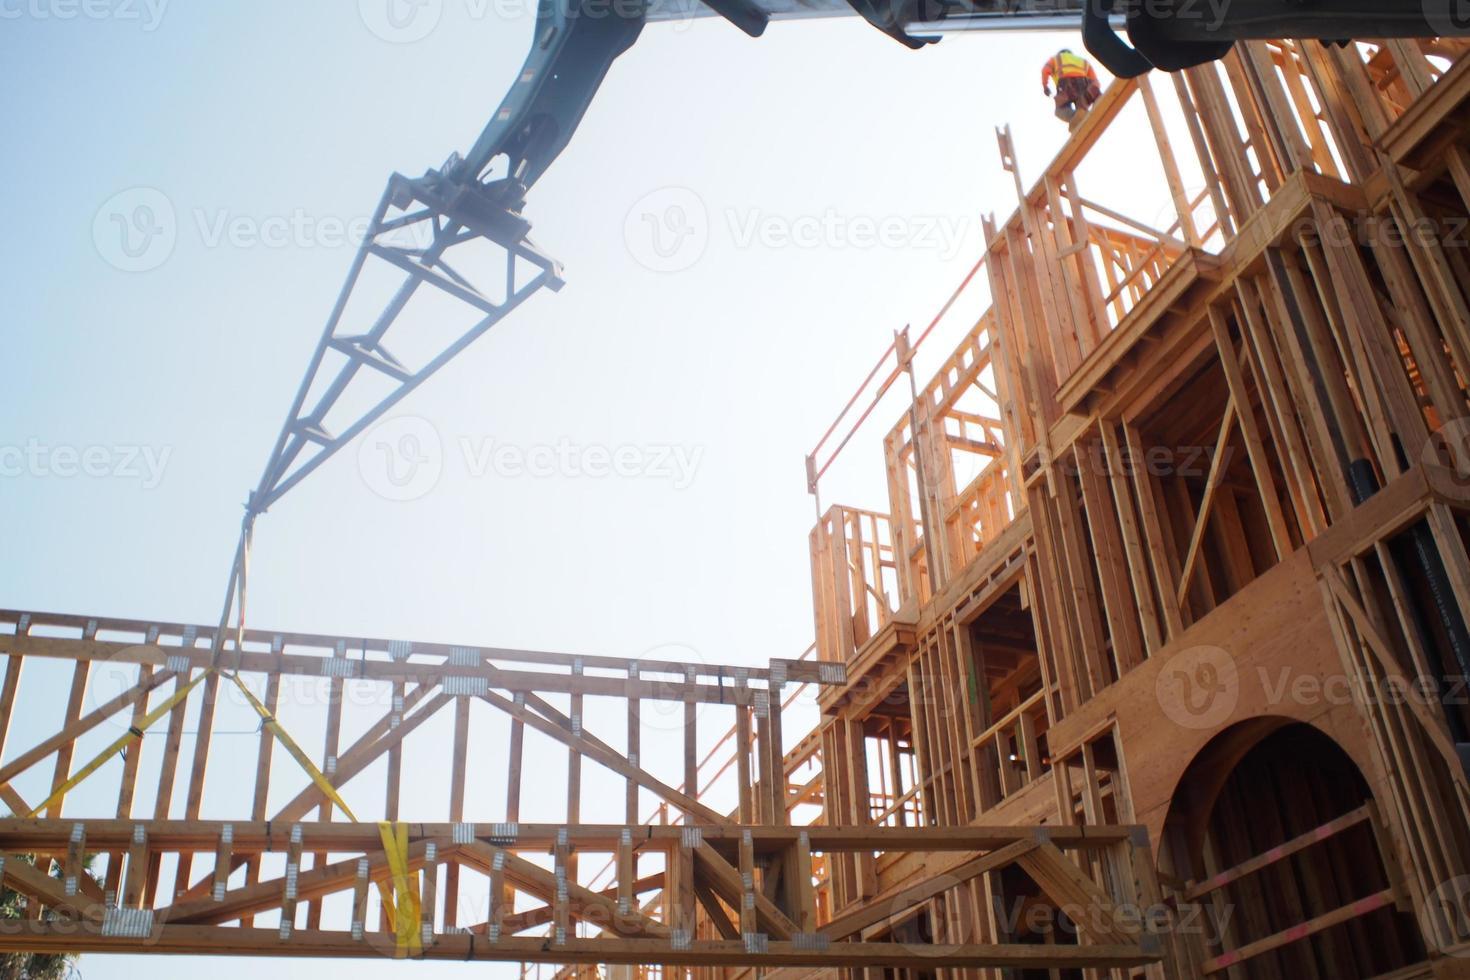 houtskeletbouw laadspanten foto